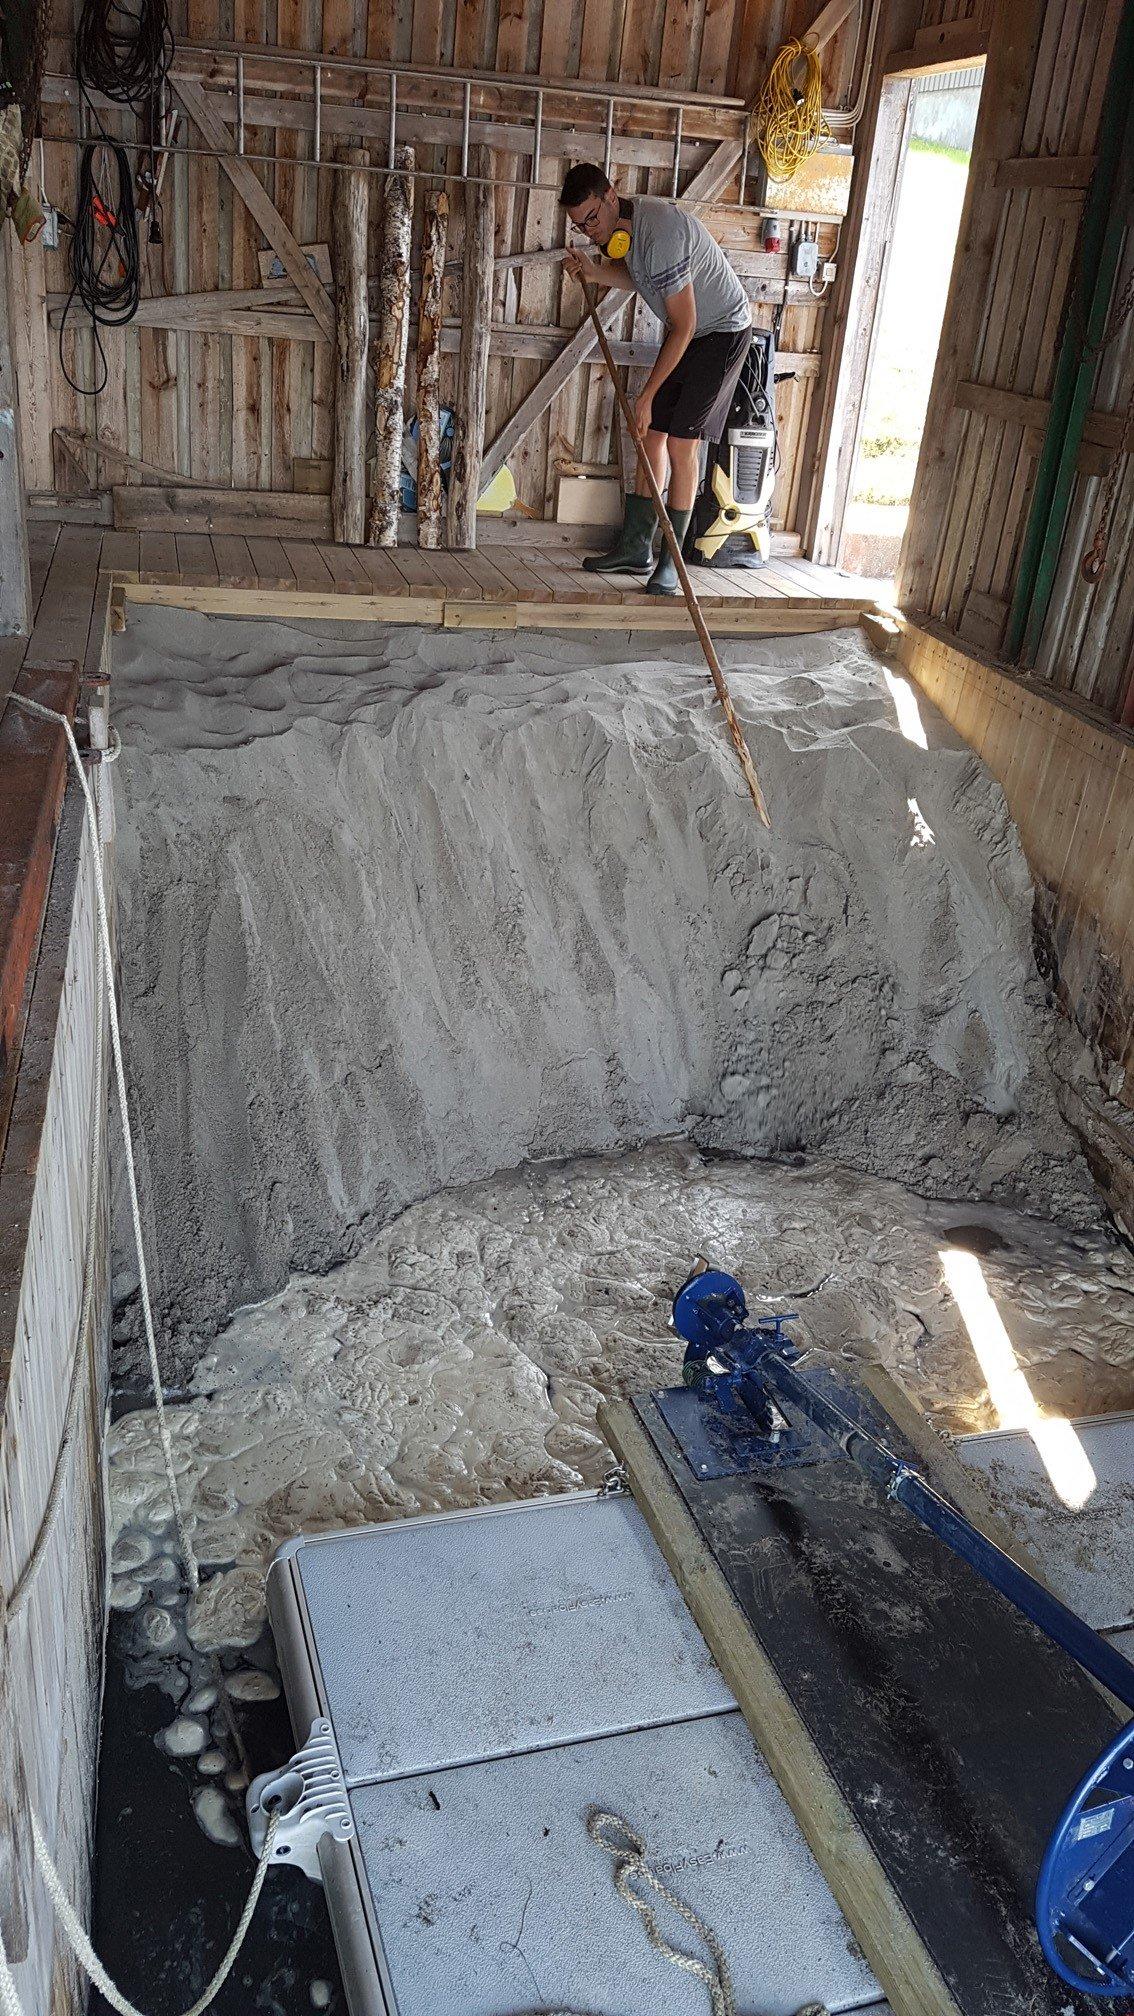 Dredging sand